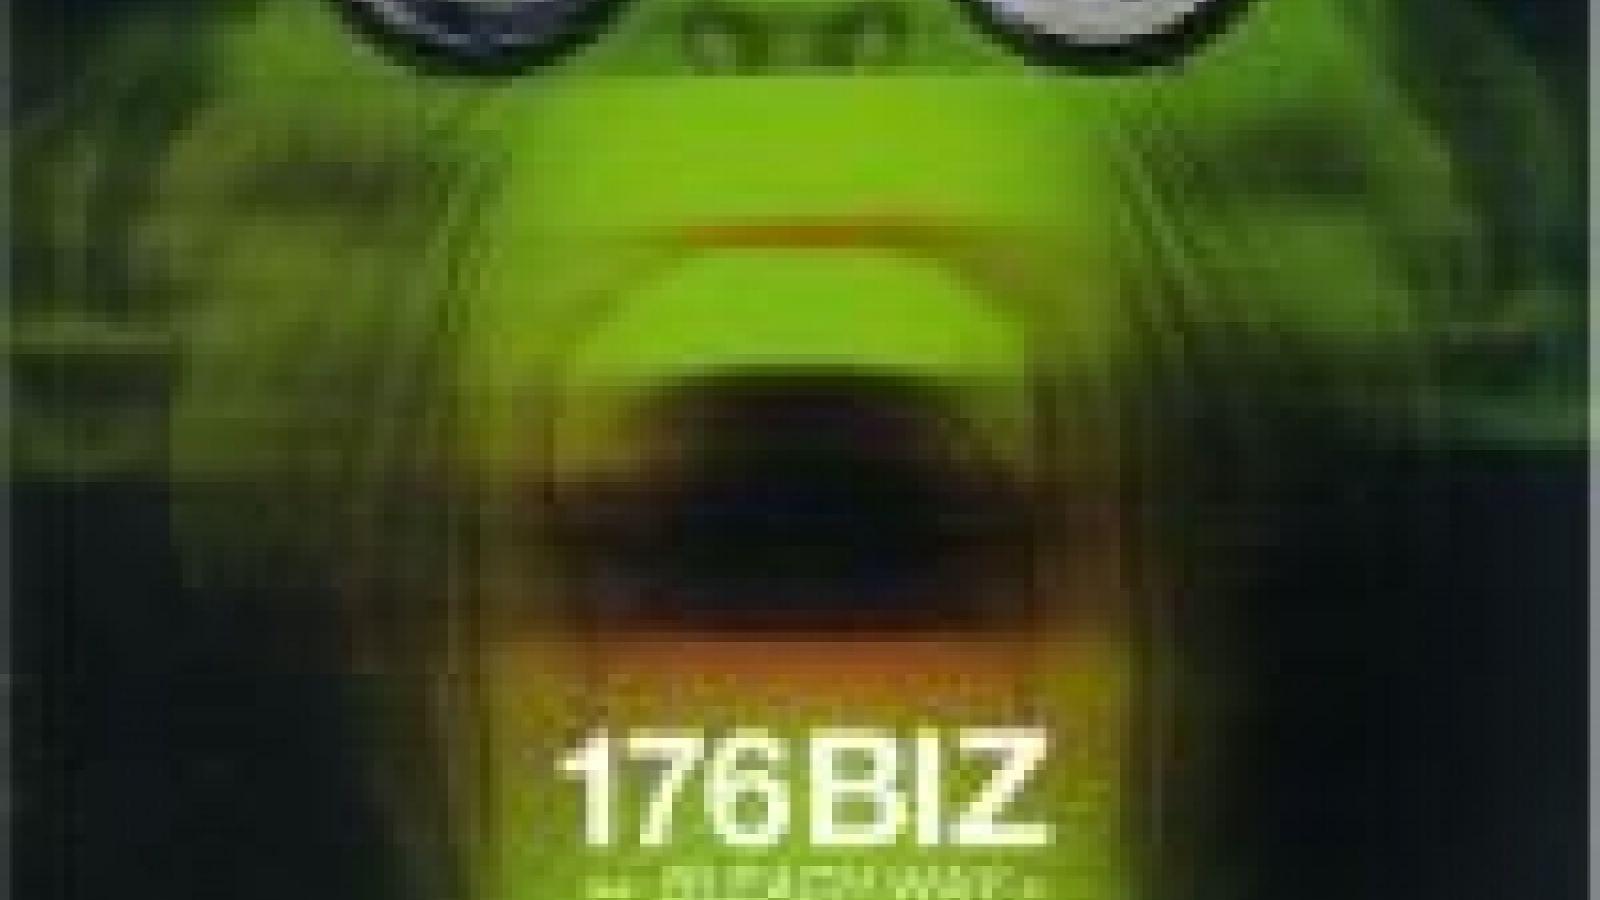 176BIZ's Mini-Album © JaME